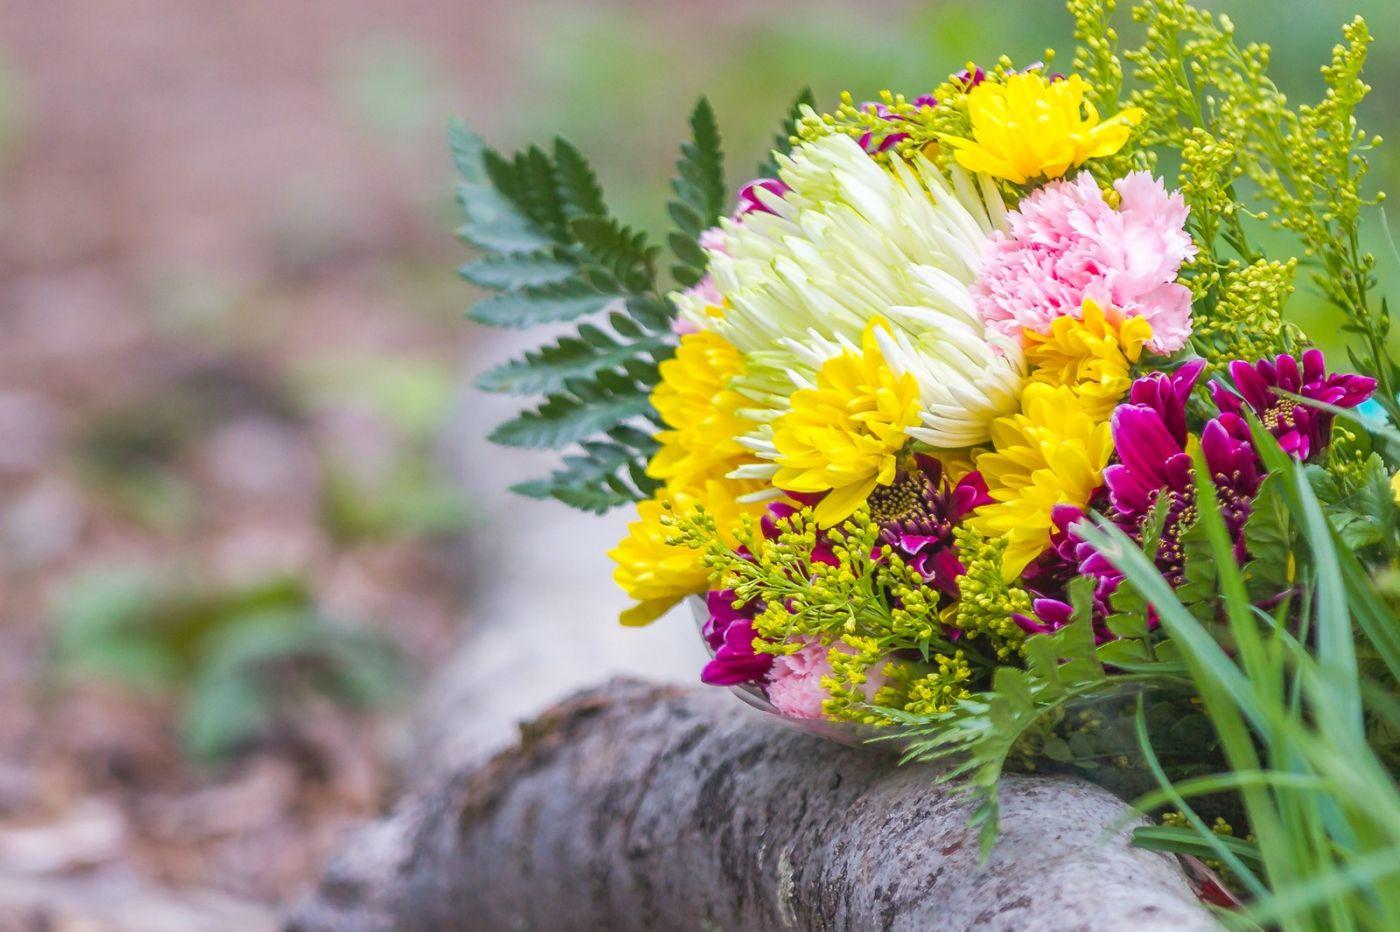 一束花的畅想_图1-24